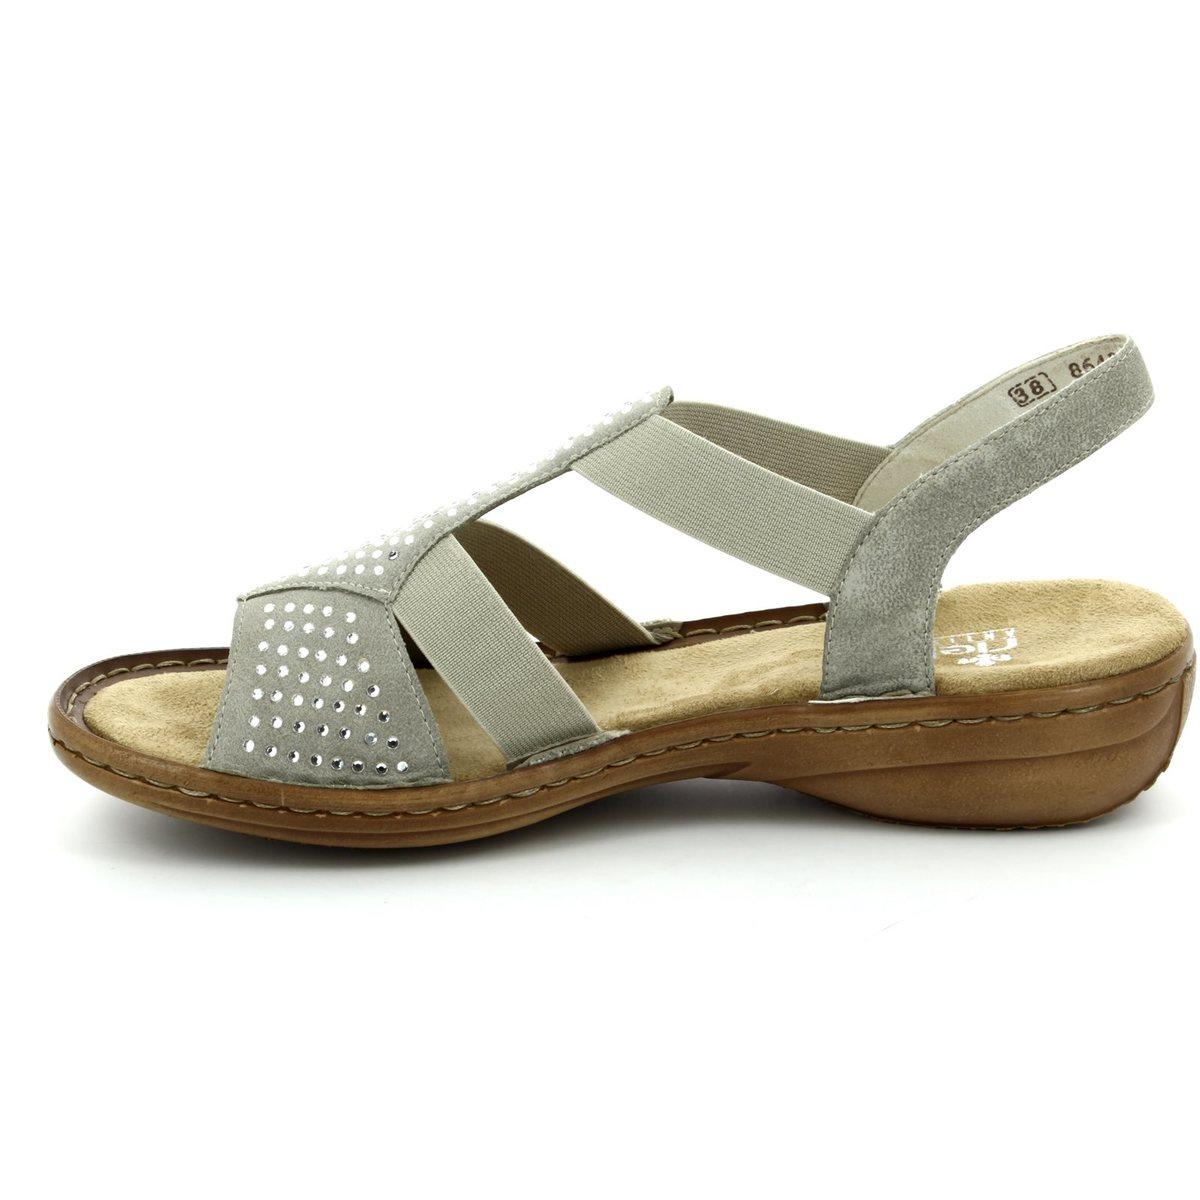 rieker 608y2 60 beige sandals. Black Bedroom Furniture Sets. Home Design Ideas